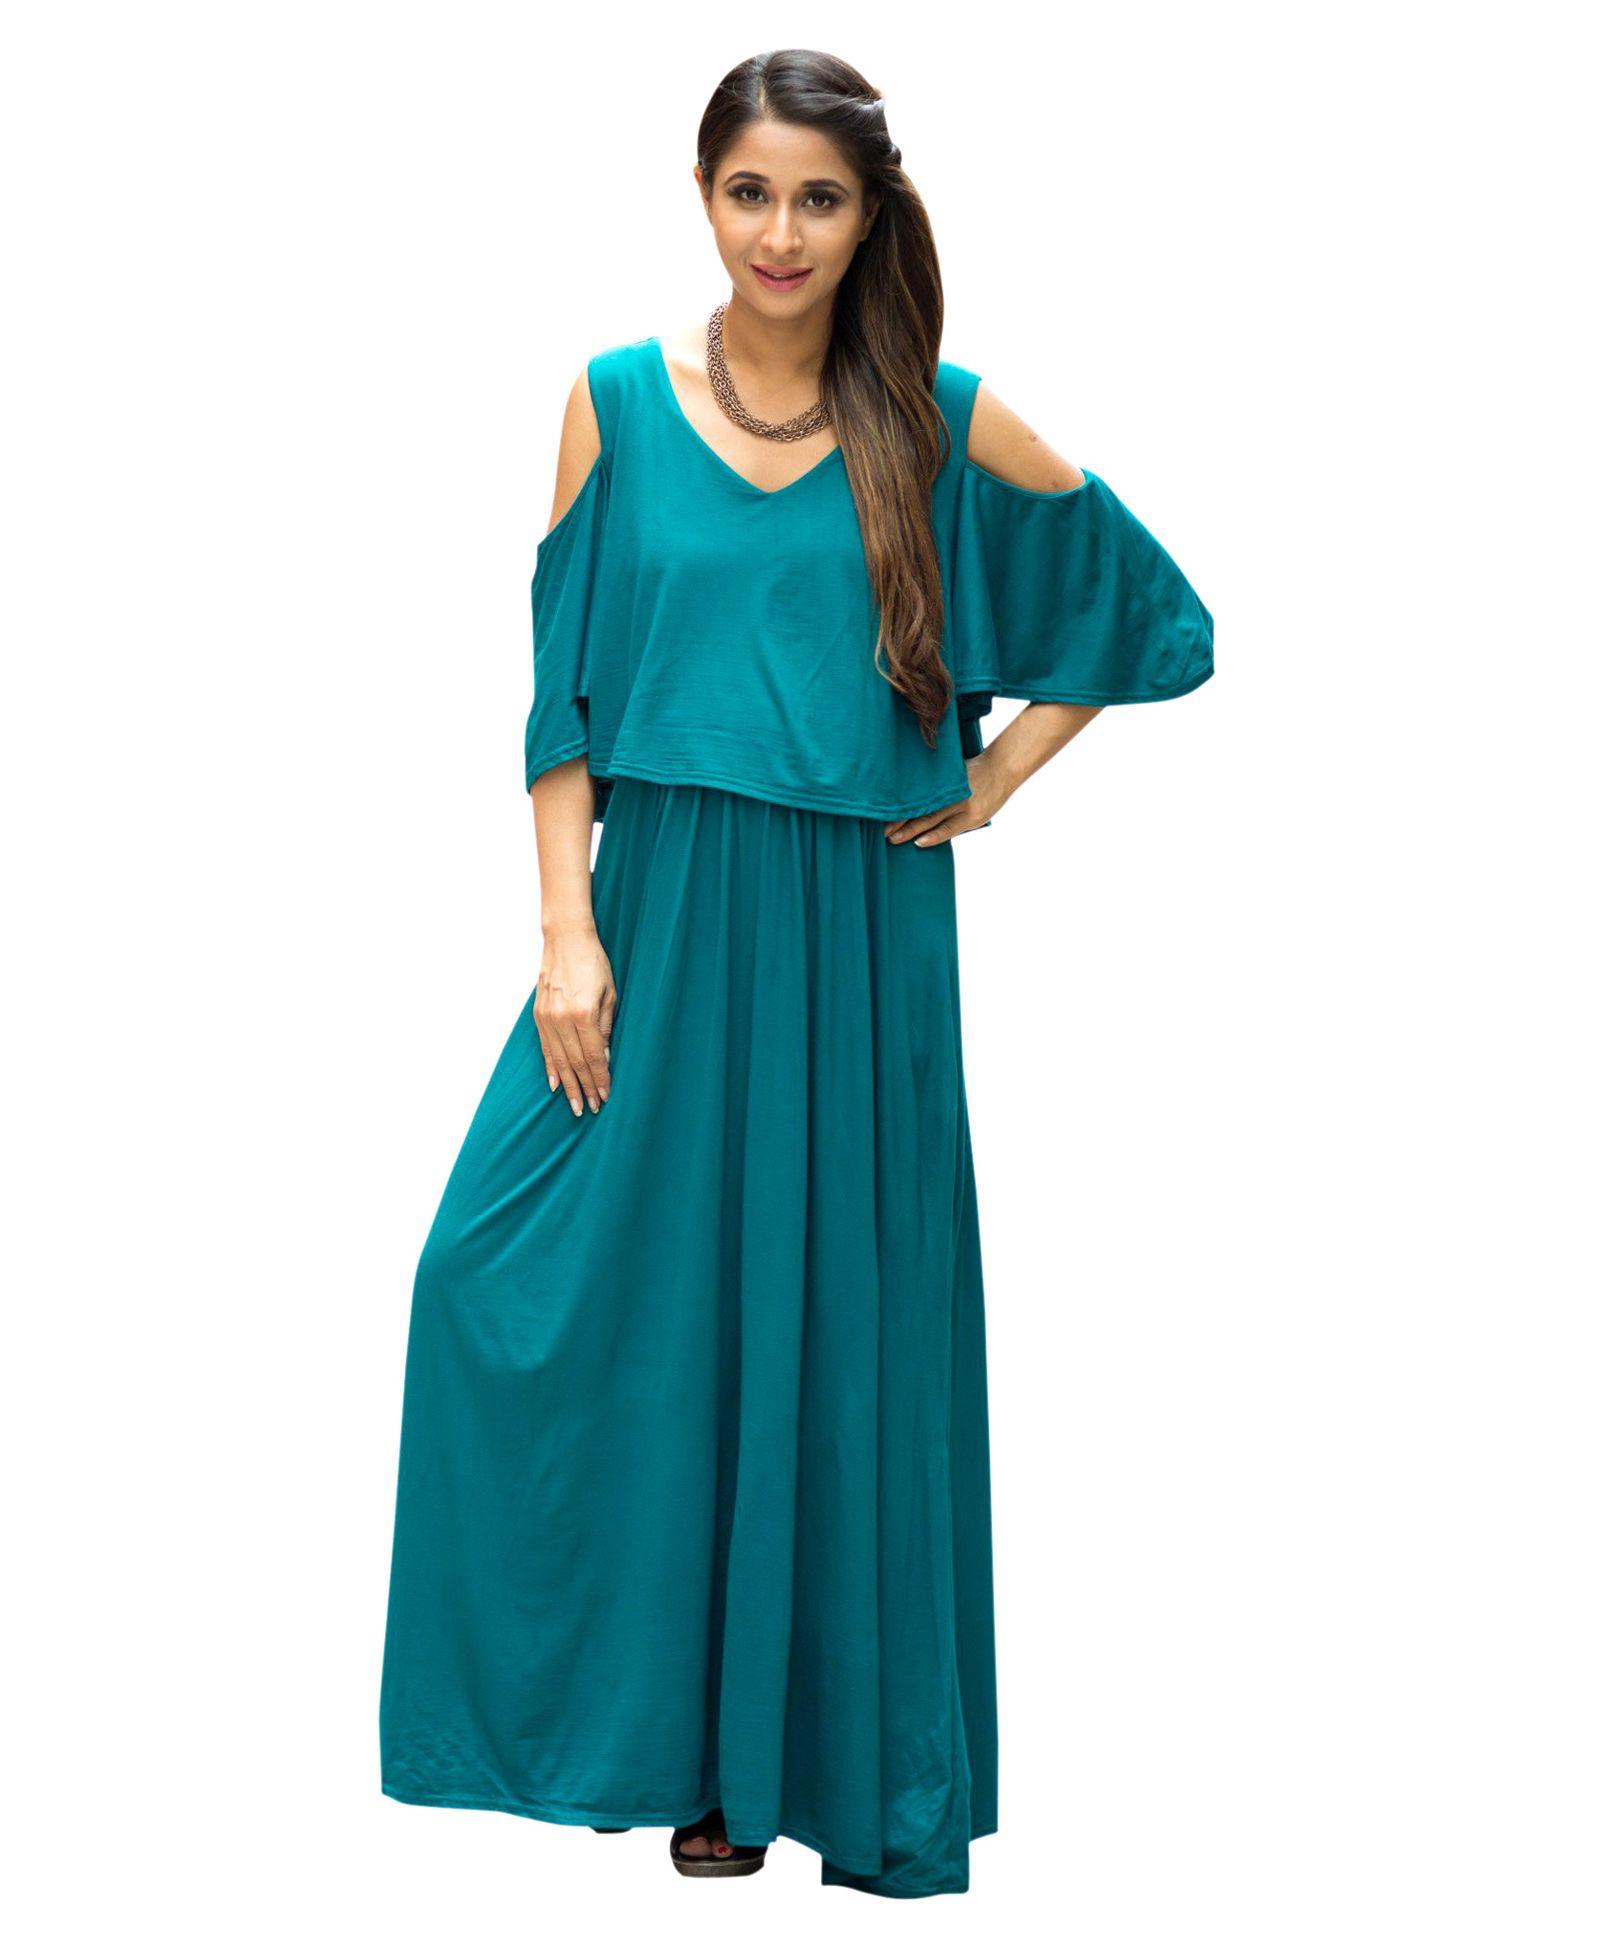 87017734b90a5 MOMZJOY Cold Shoulder Maternity & Nursing Maxi Dress Teal Online ...